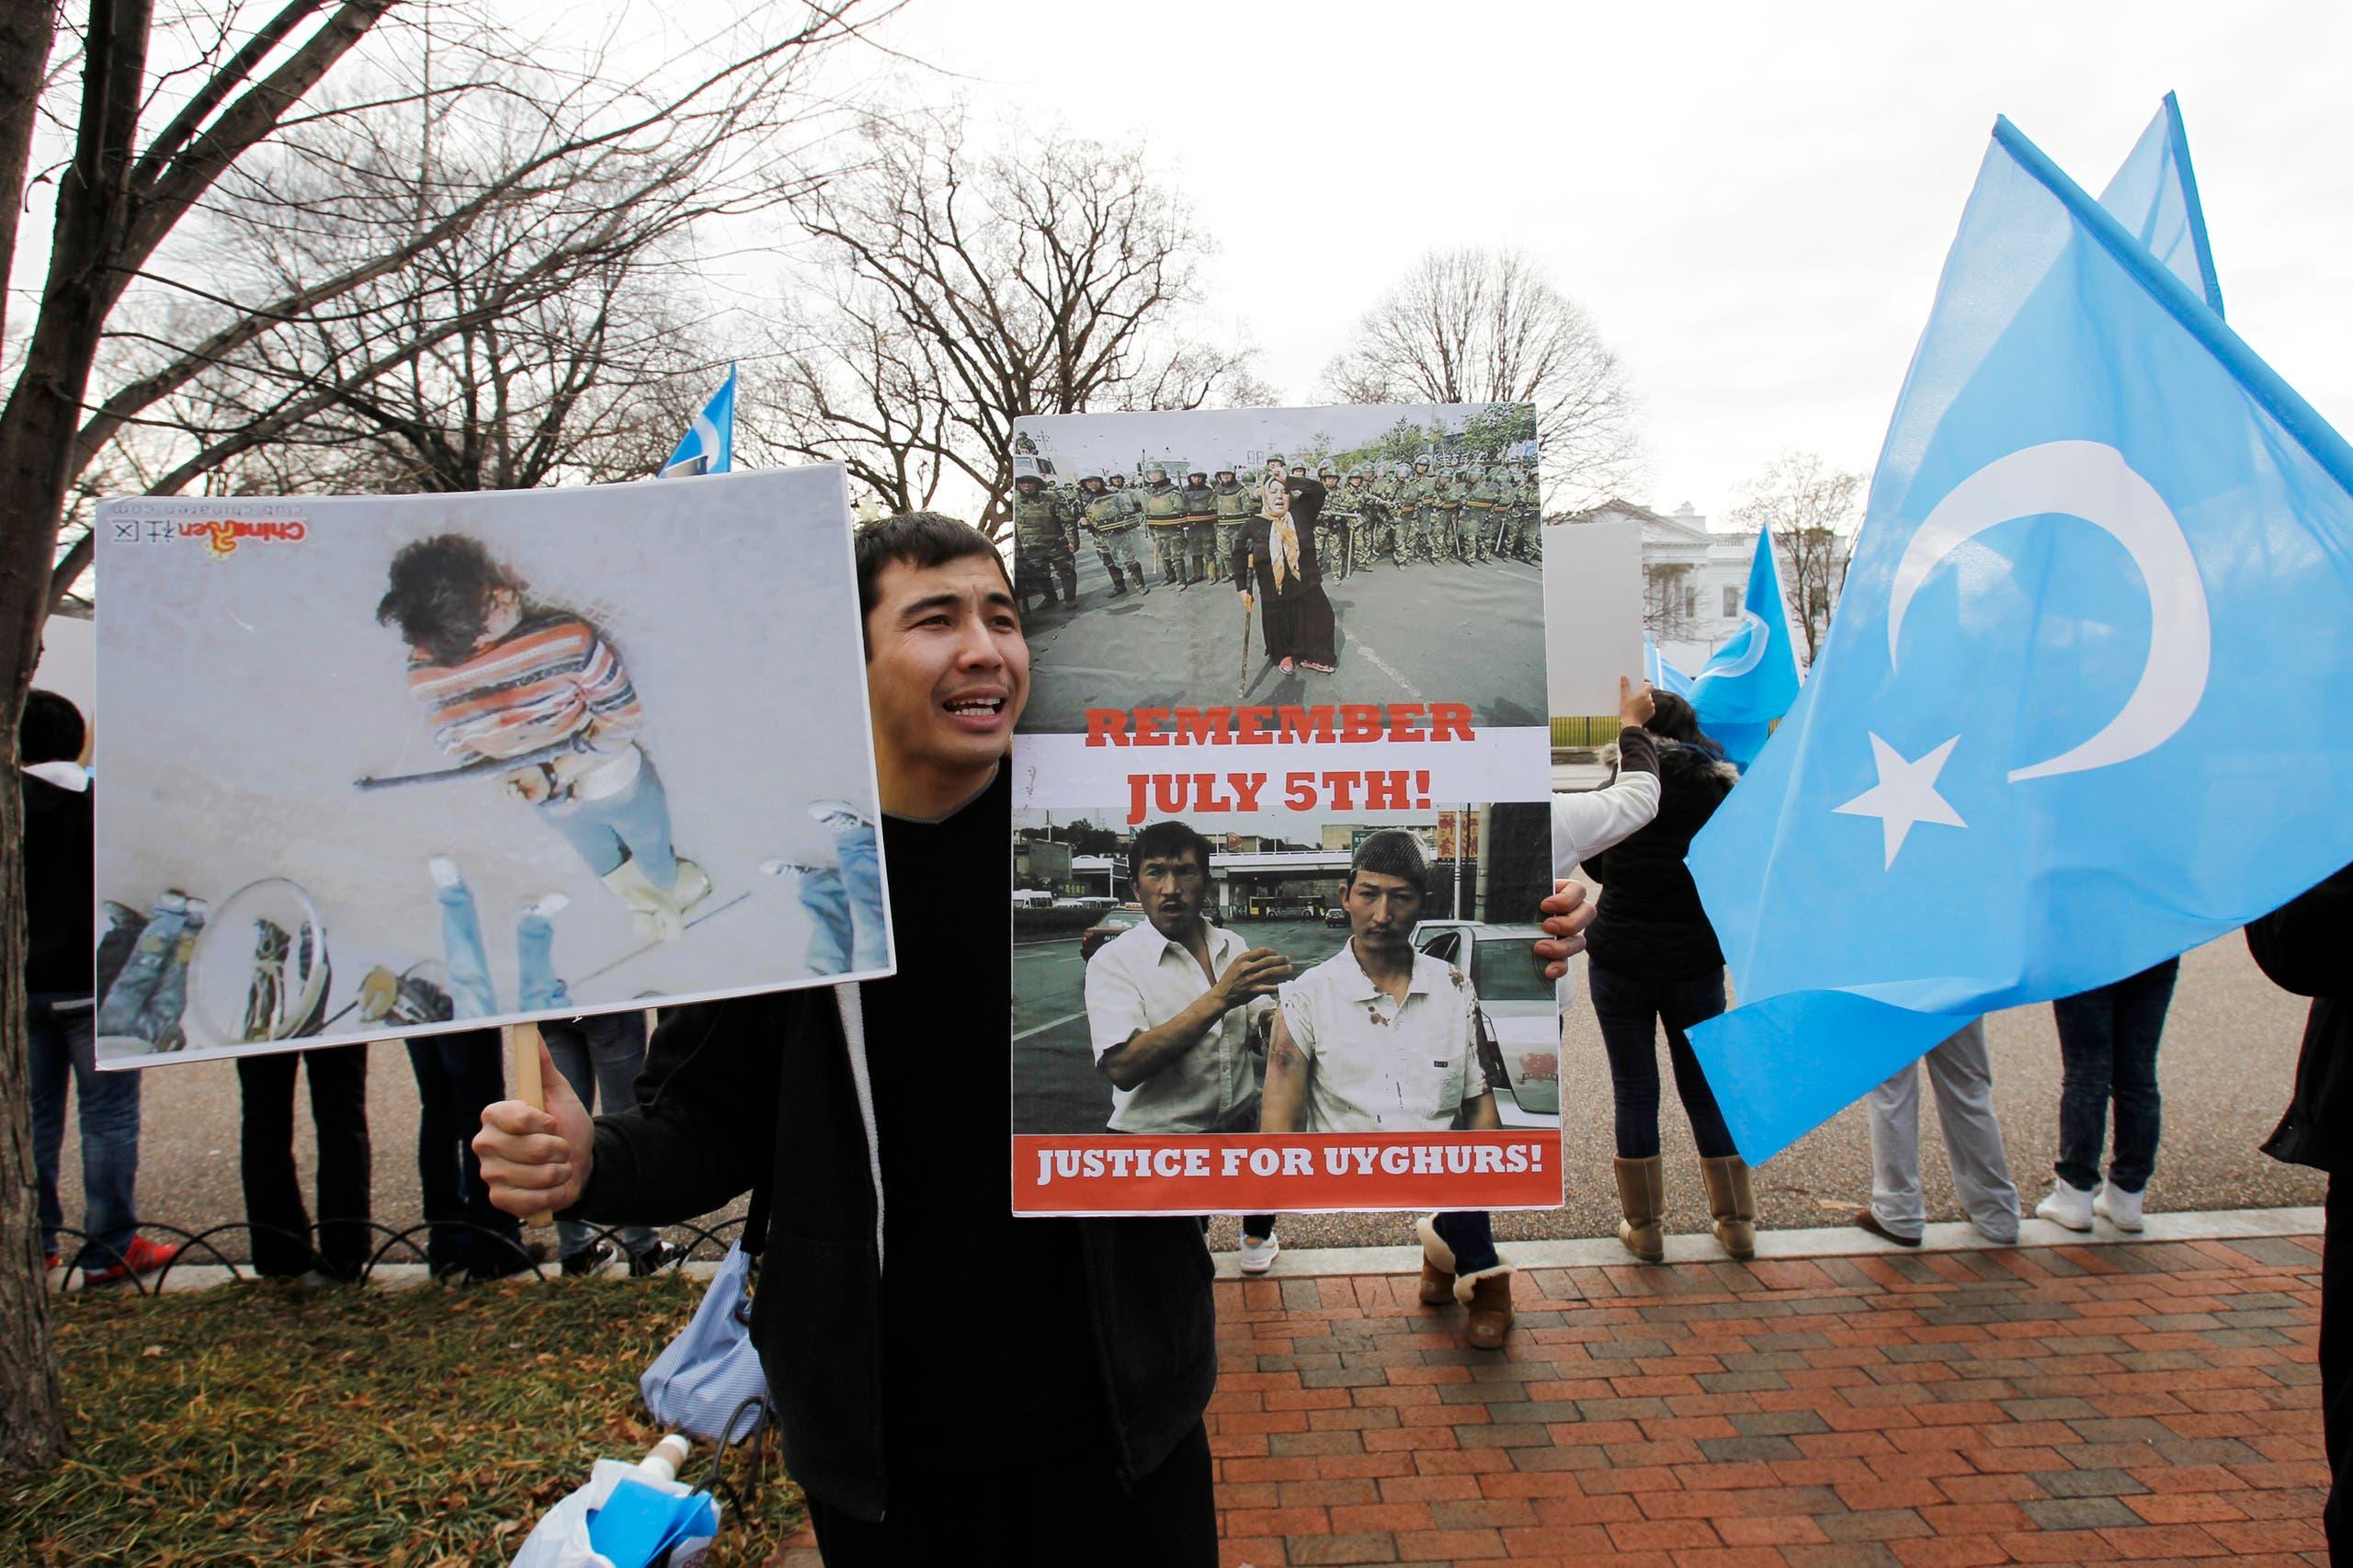 وقفة تضامناً مع الأويغور أمام البيت الأبيض في واشنطن (أرشيفية)